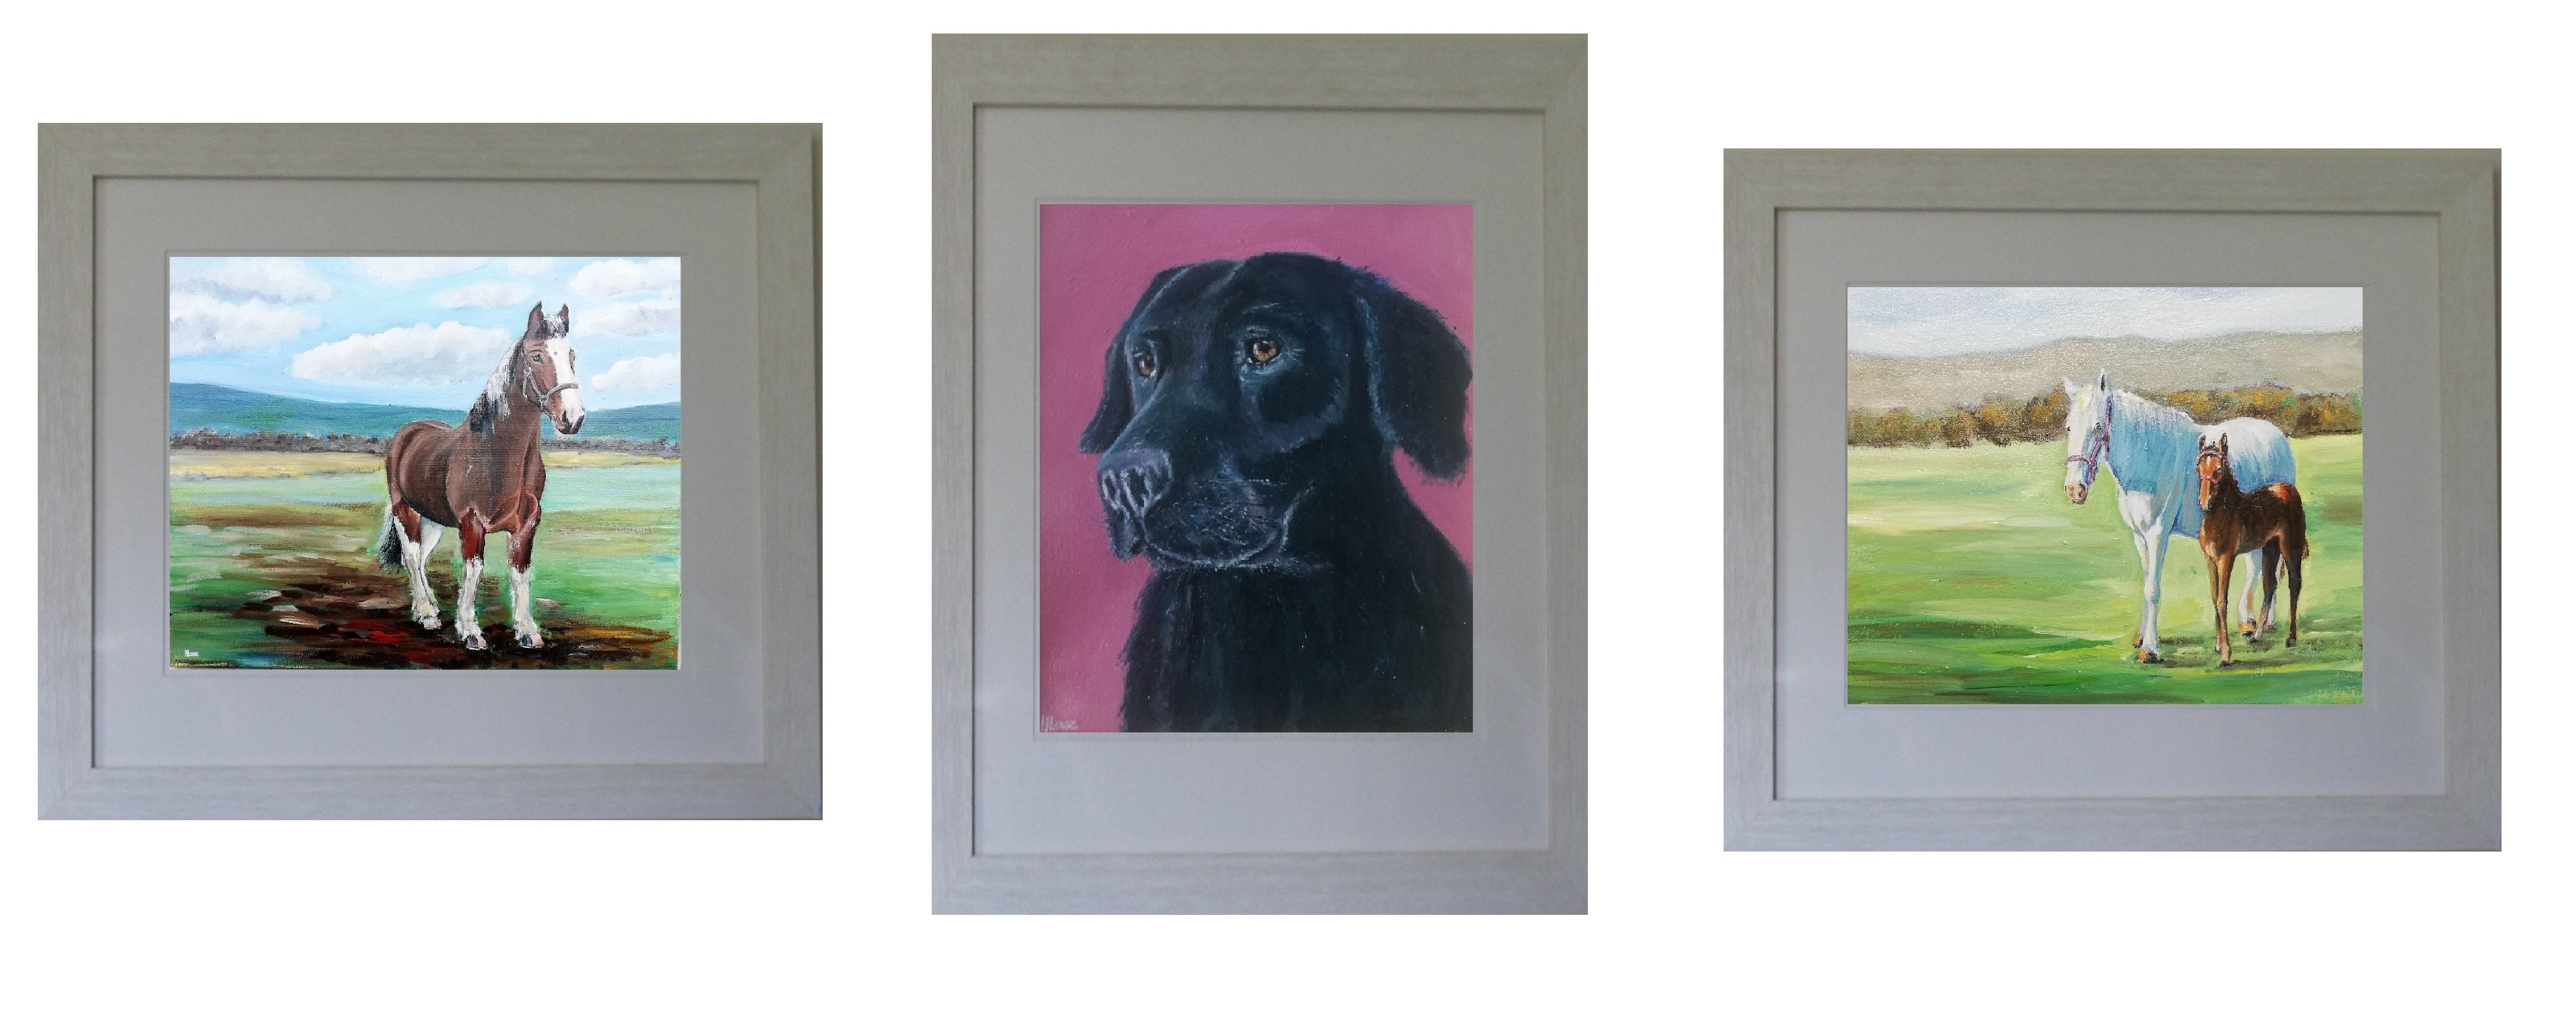 Pet portrait dog horse oil painting